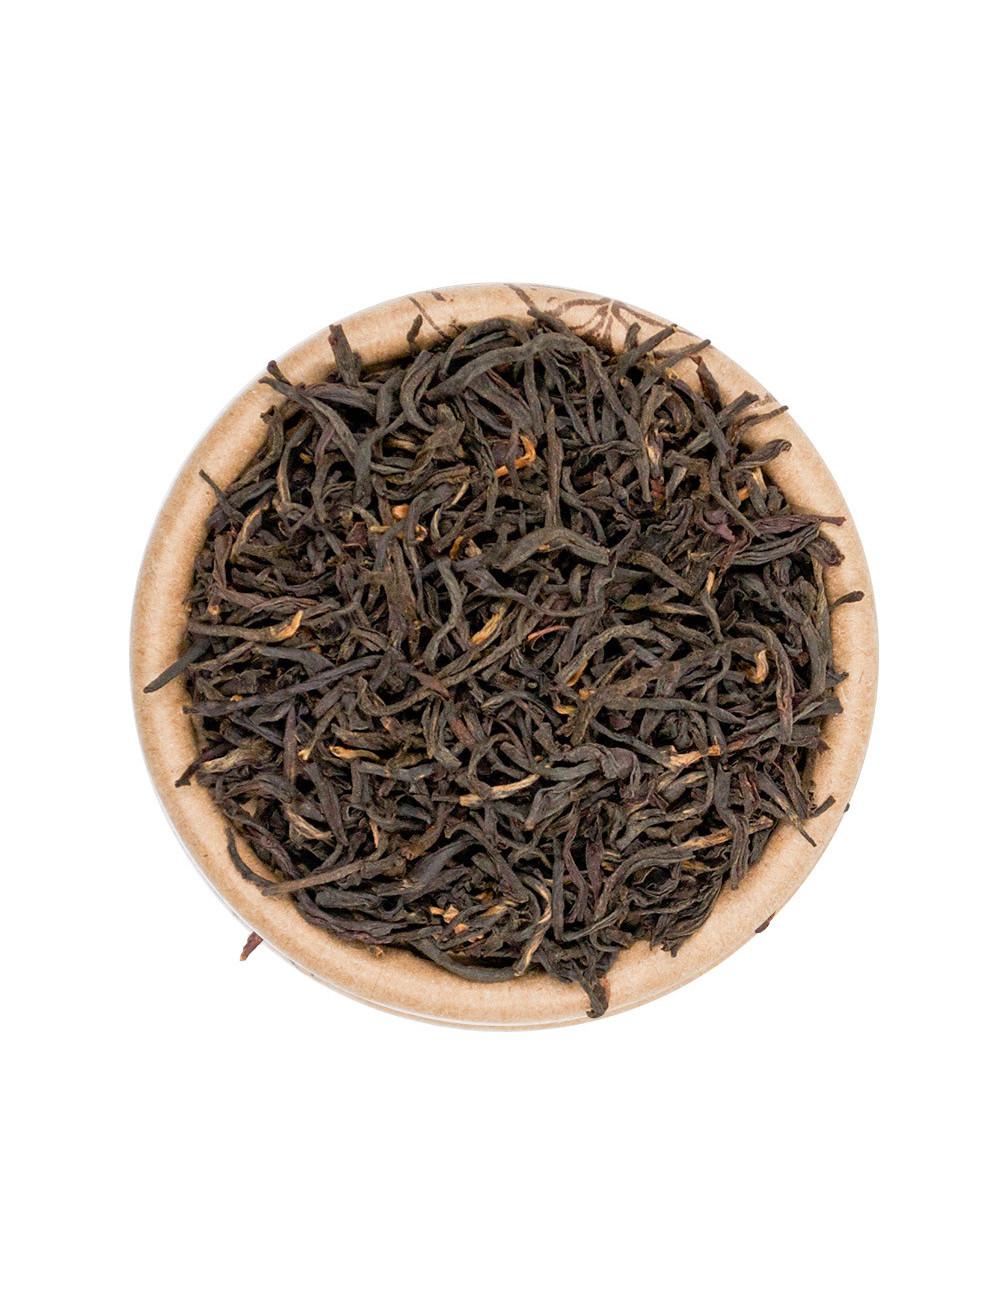 Golden Kenya tè nero - La Pianta del Tè shop online